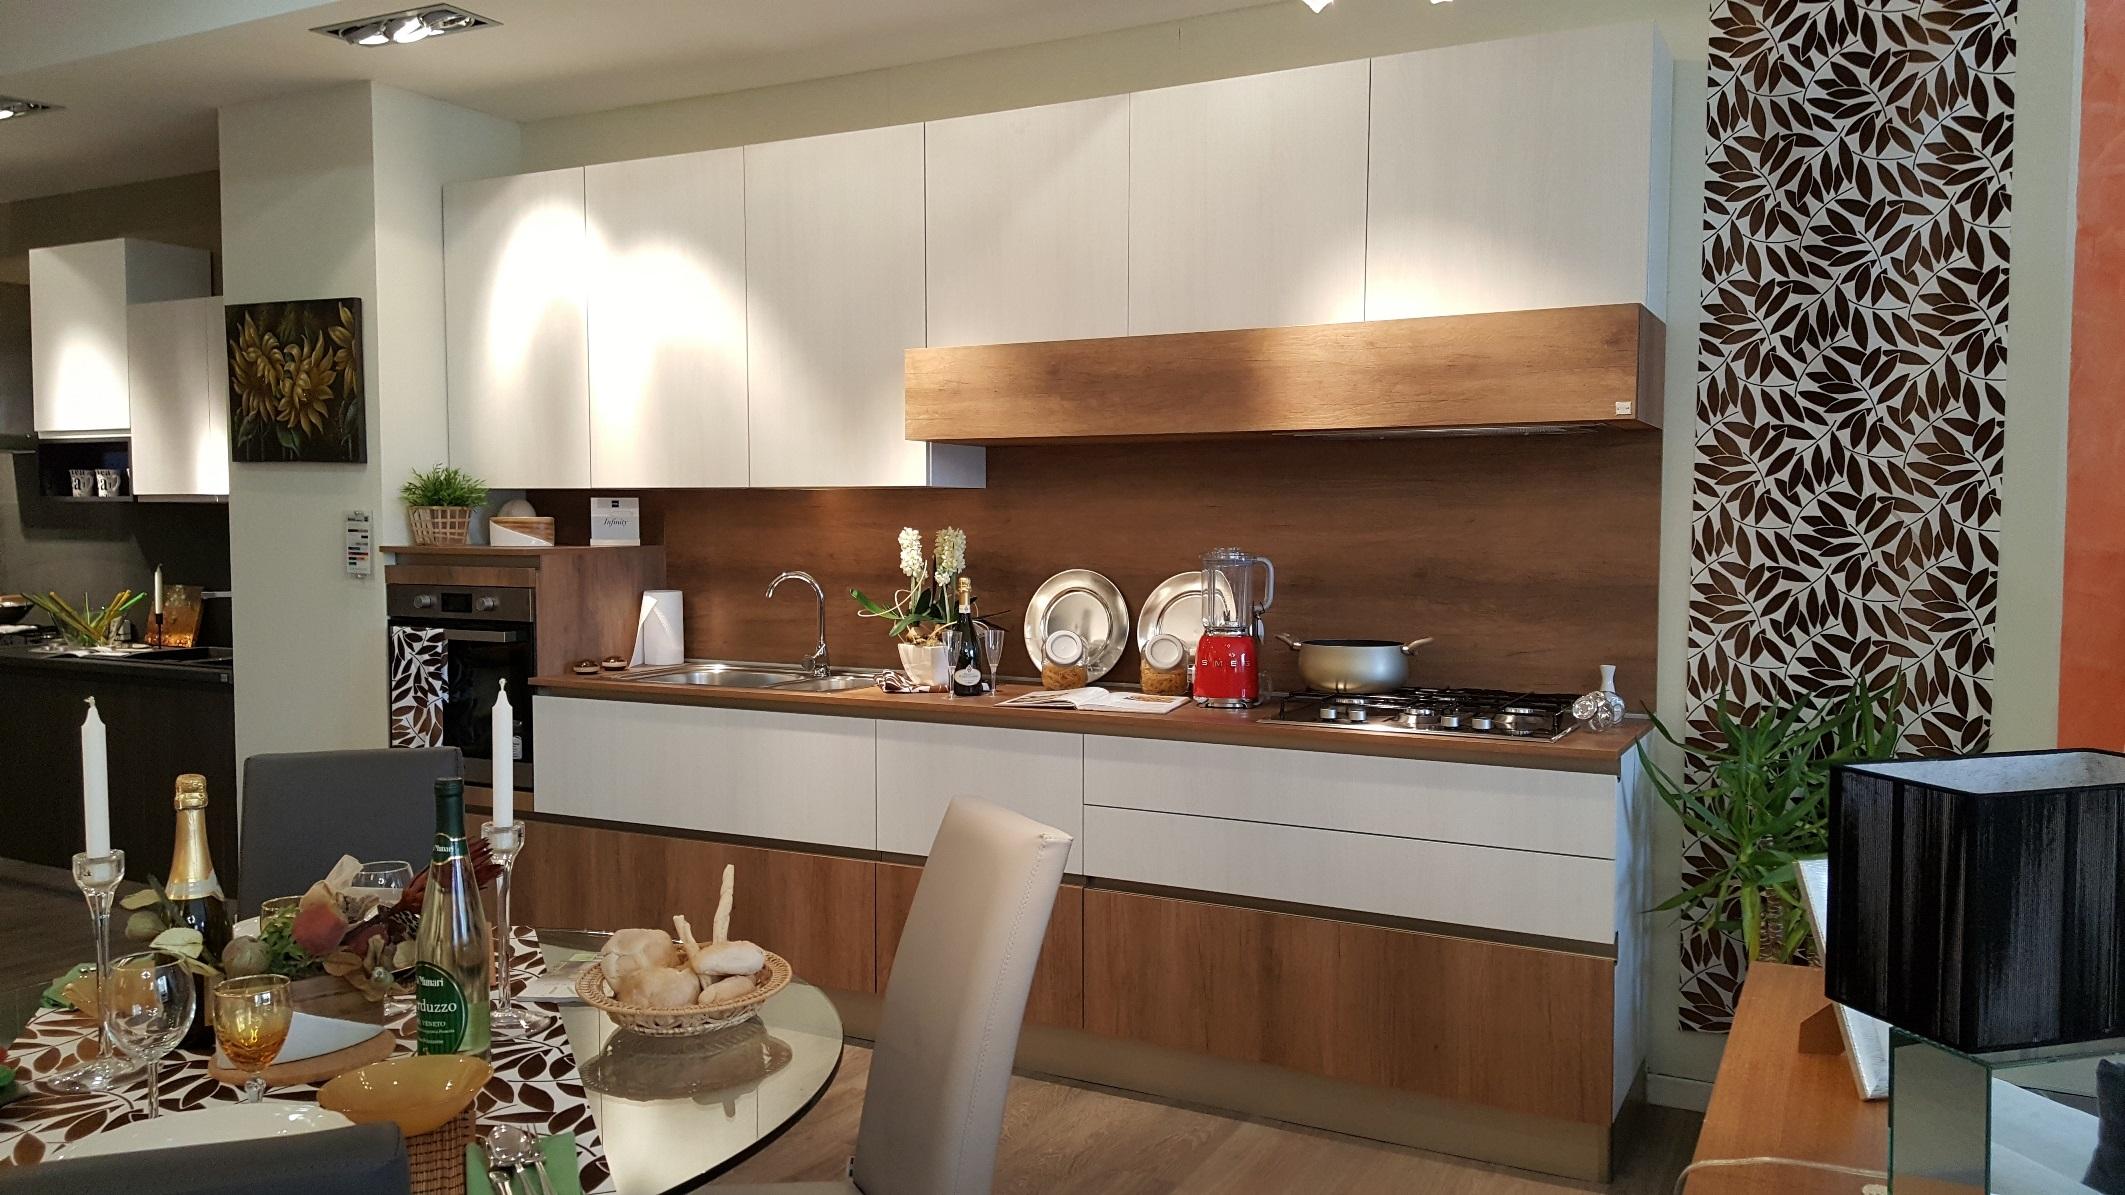 Cucina lineare bianca stosa cucine infinity in promozione - Prezzo cucine stosa ...